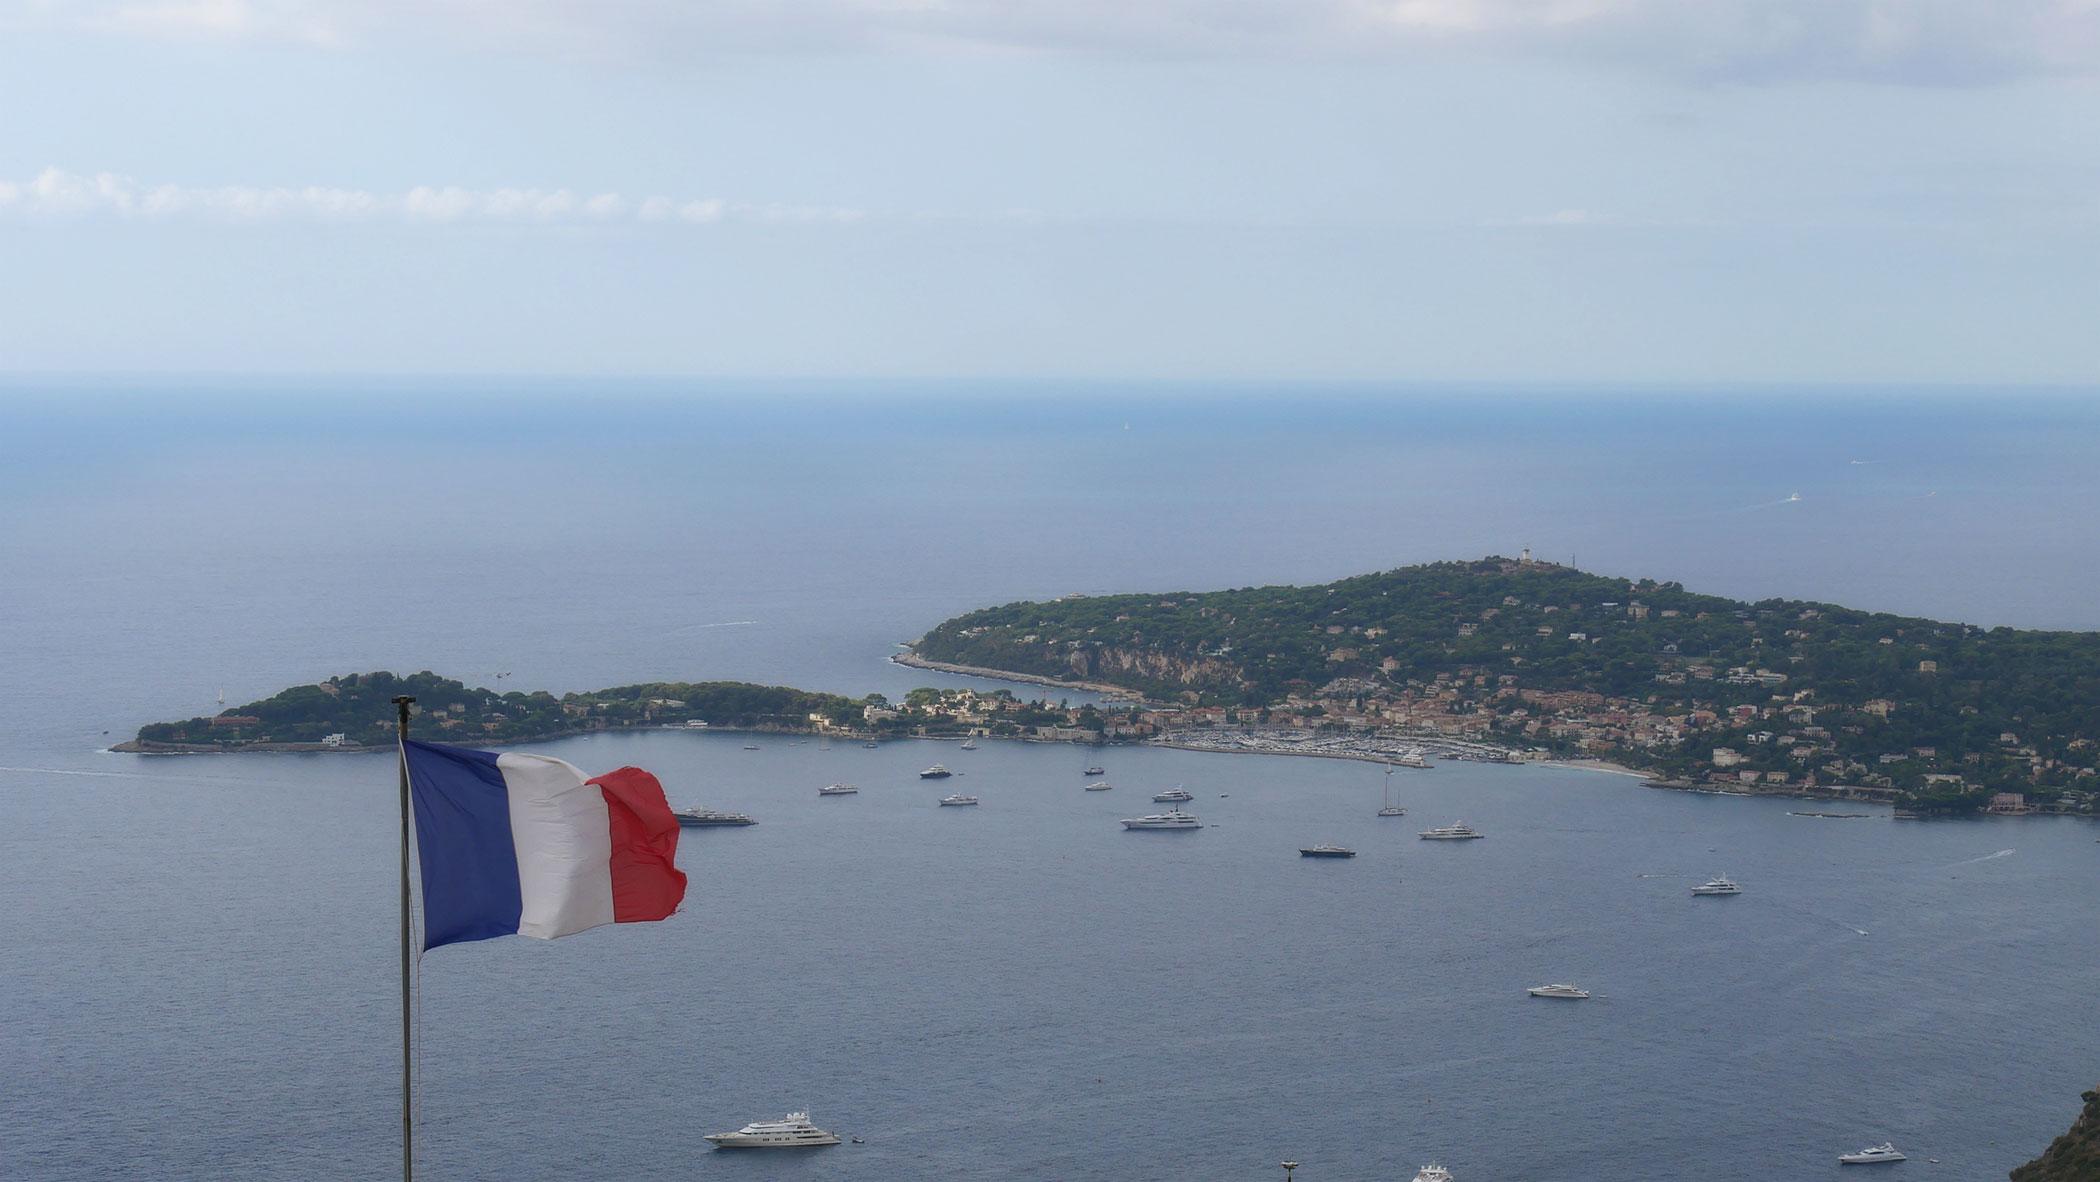 Blick auf Saint-Jean-Cap-Ferrat